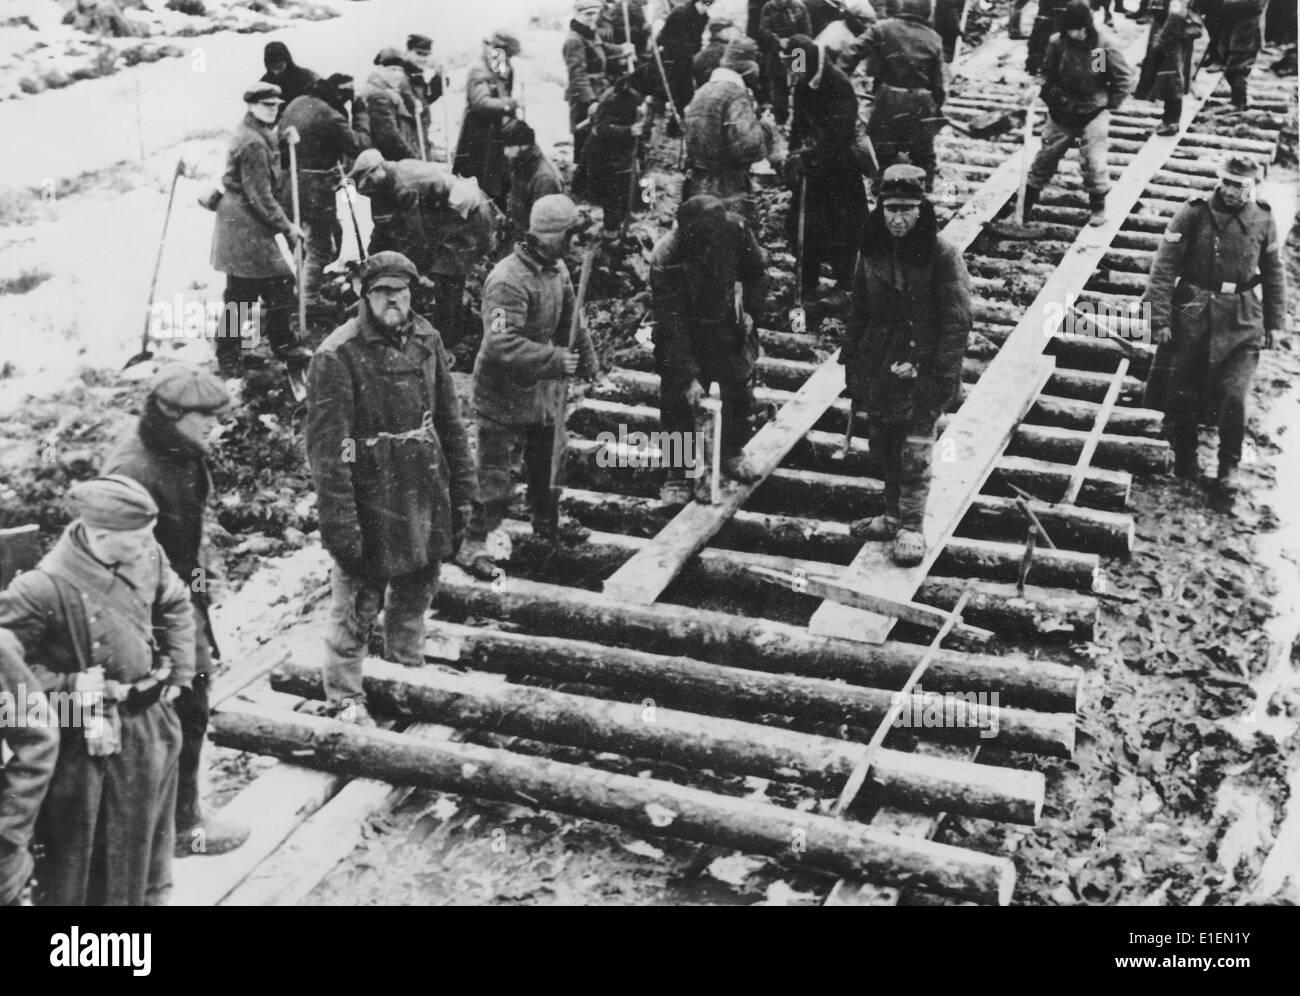 Propaganda-Text! von Nazi-Berichterstattung auf der Rückseite des ...